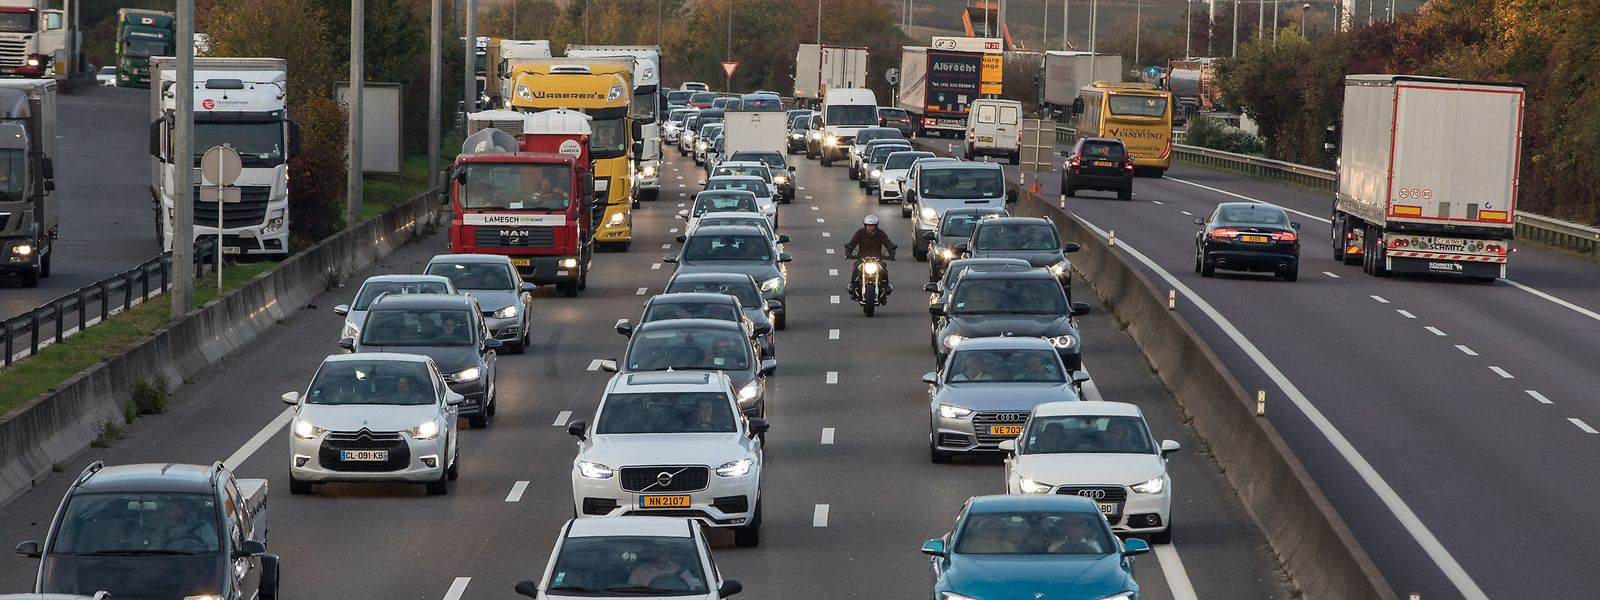 Jeden Tag überqueren rund 200.000 Pendler die Grenzen, um in Luxemburg ihrer Arbeit nachzugehen.